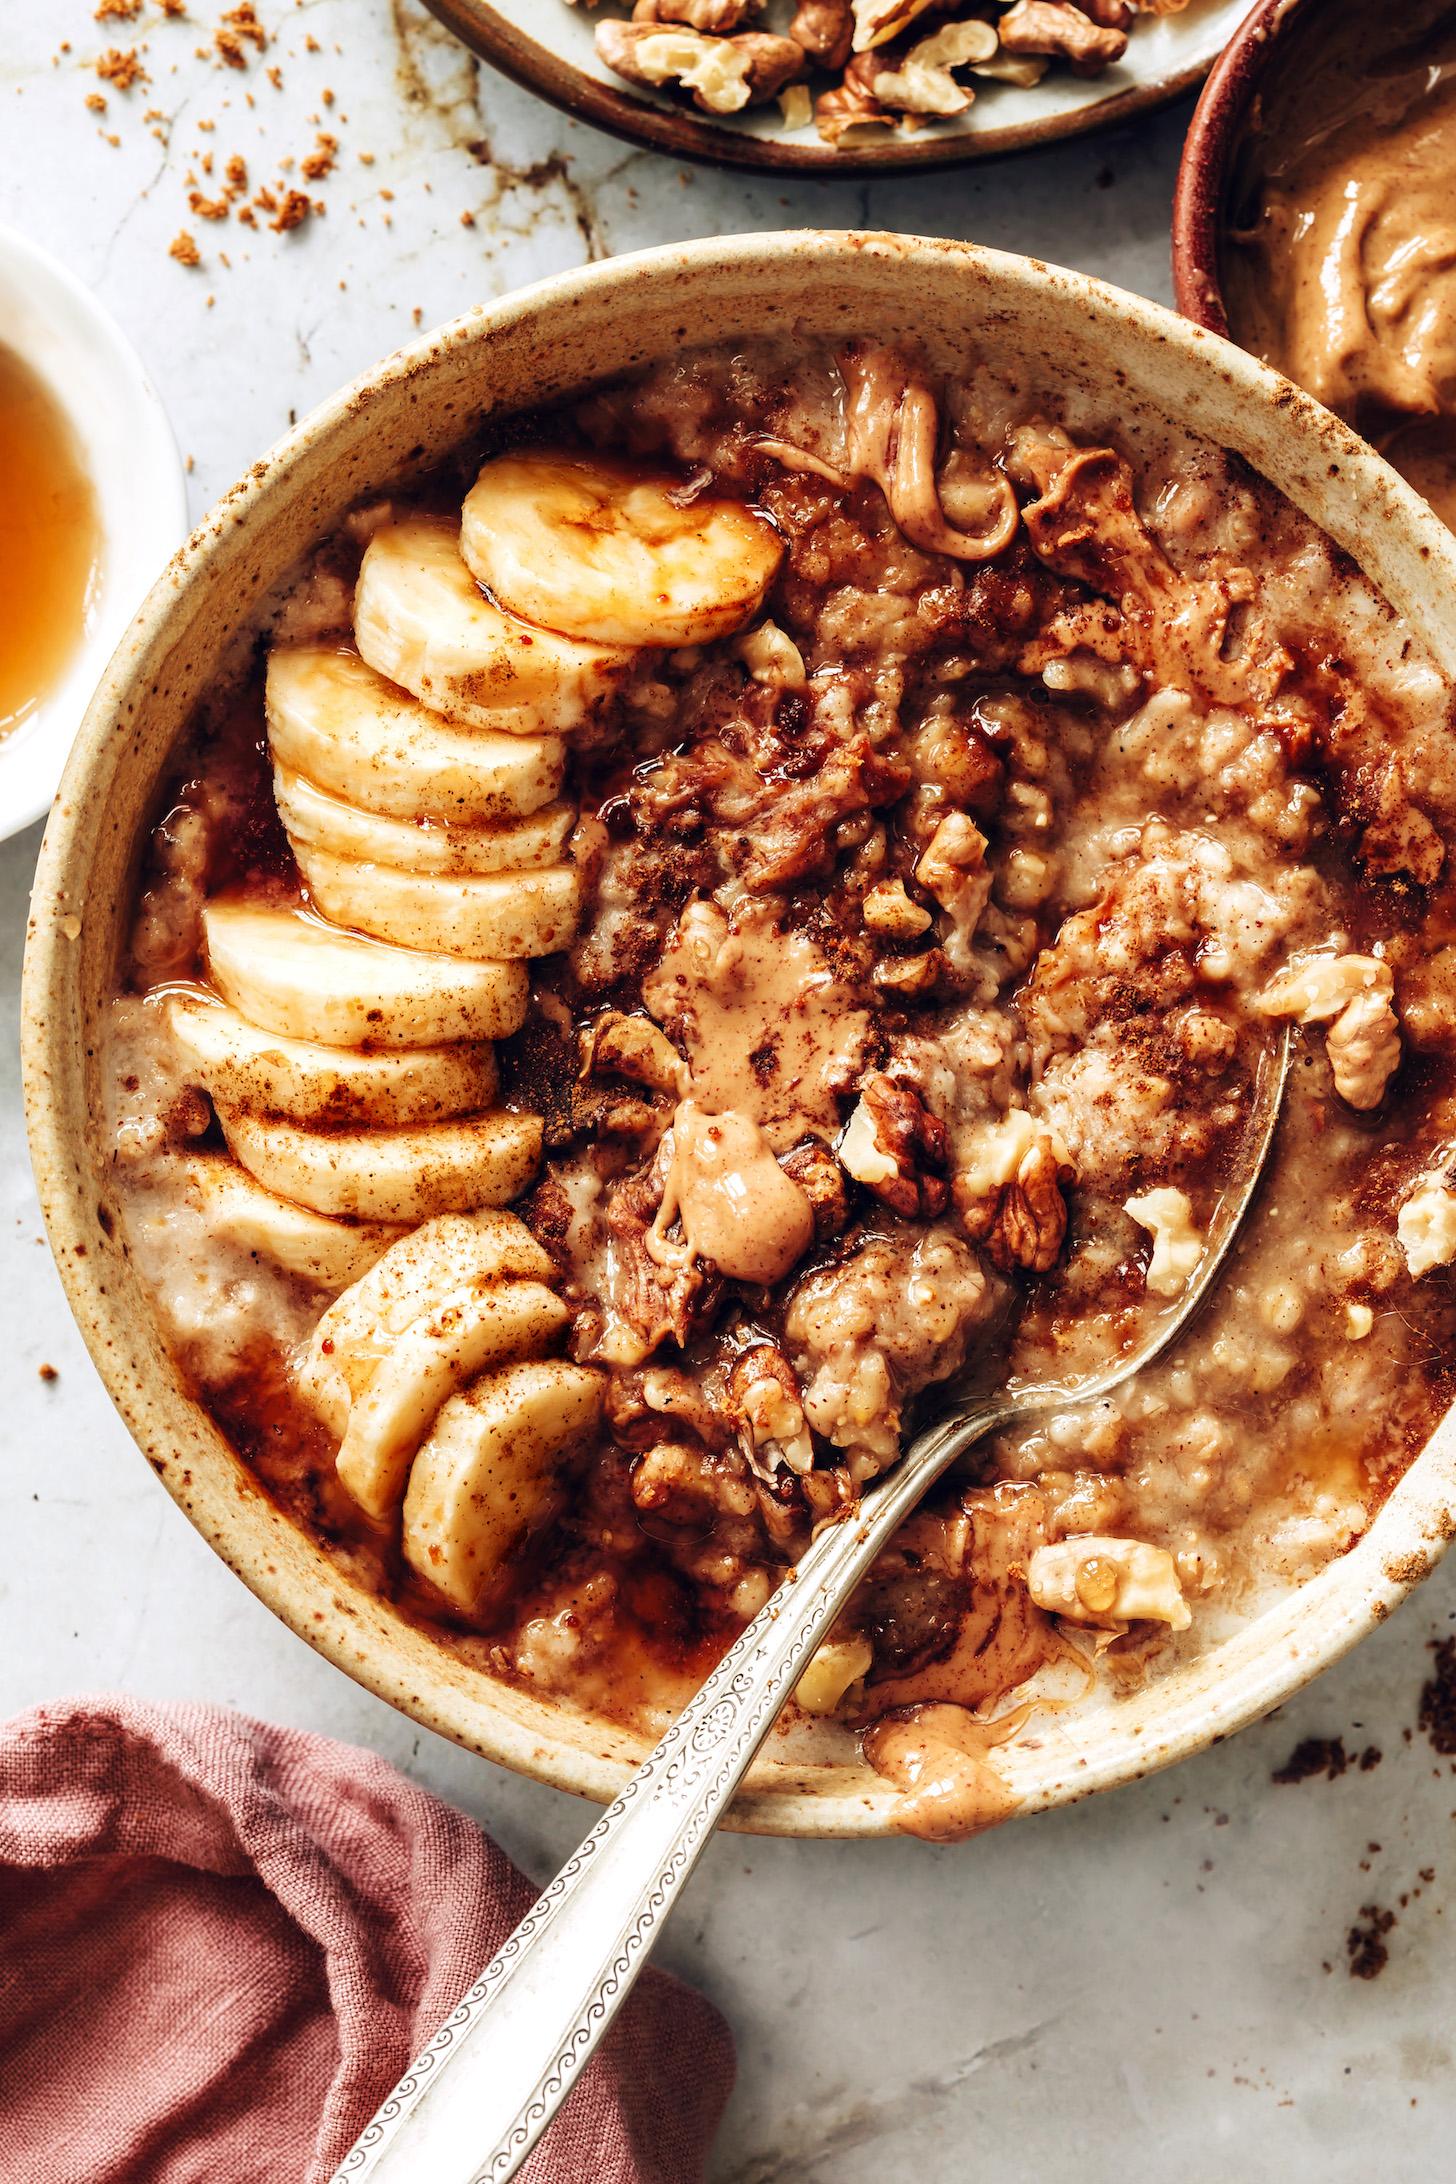 Чаша уютного бананового хлеба из овсяных хлопьев с грецкими орехами